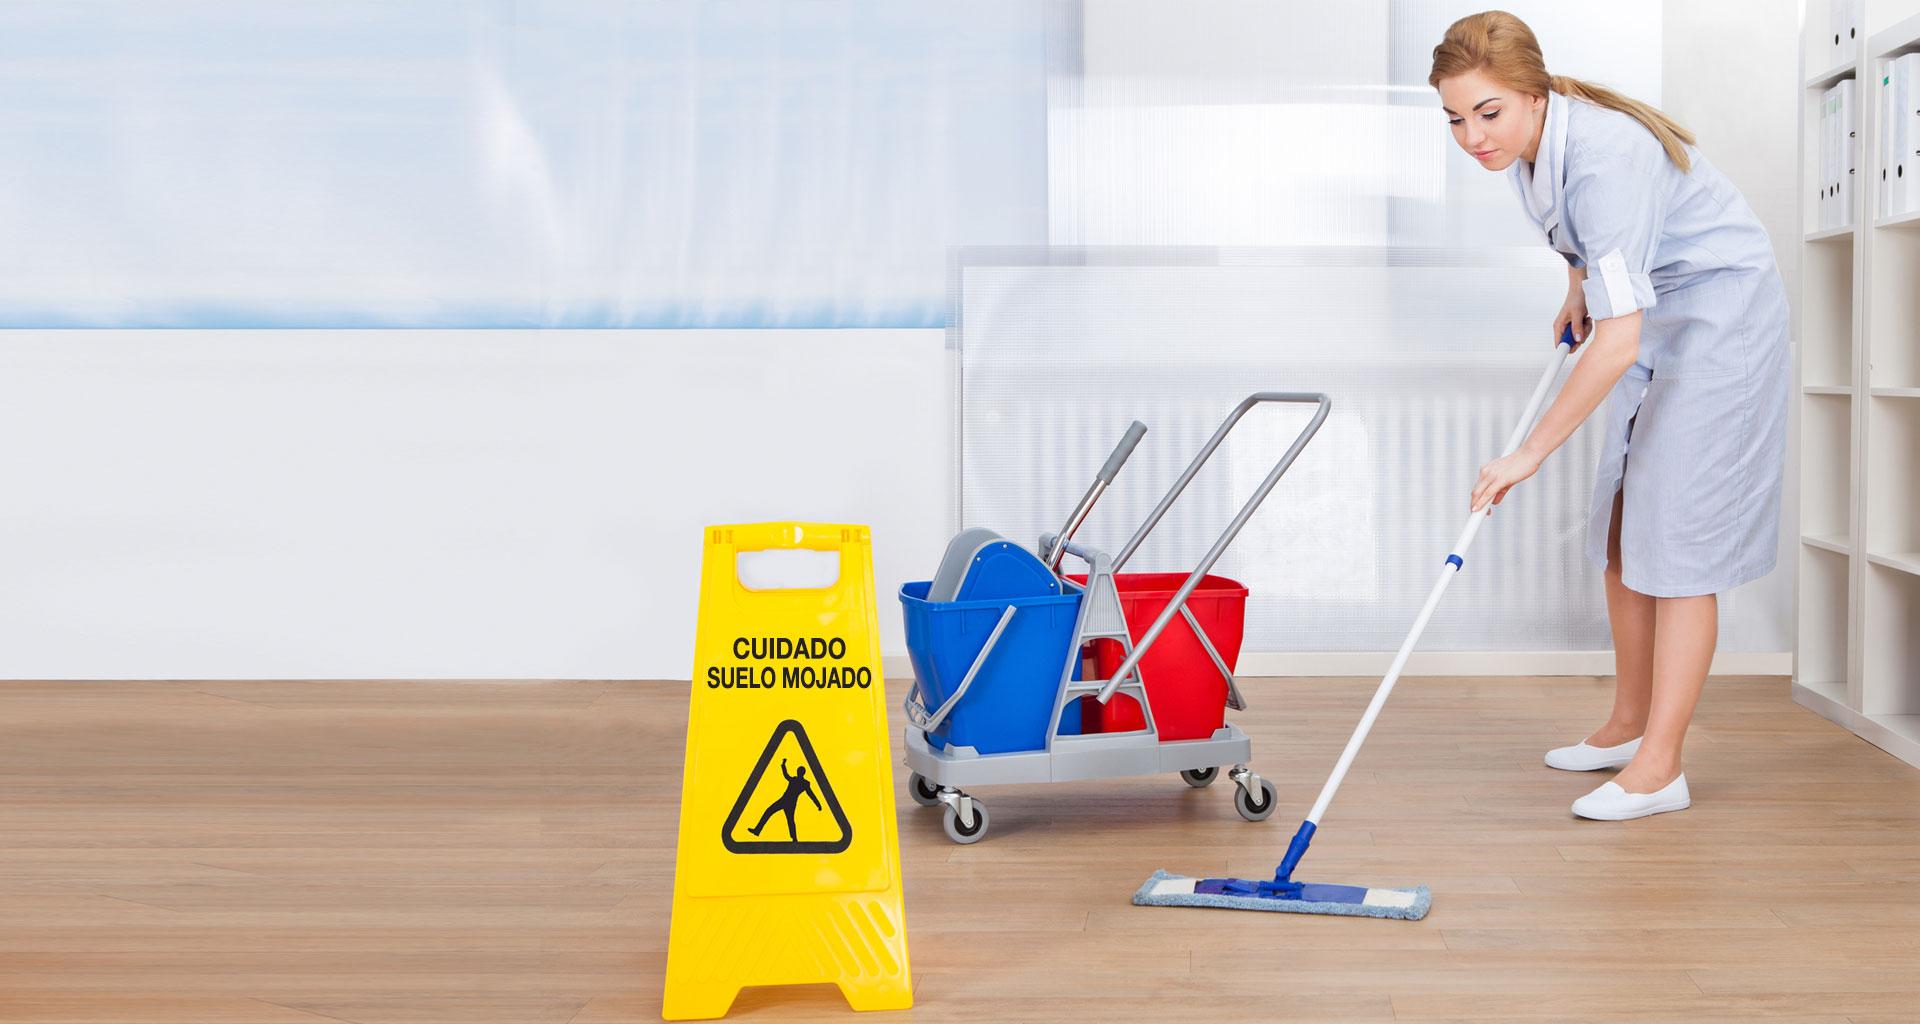 Empresa de limpieza busca personal